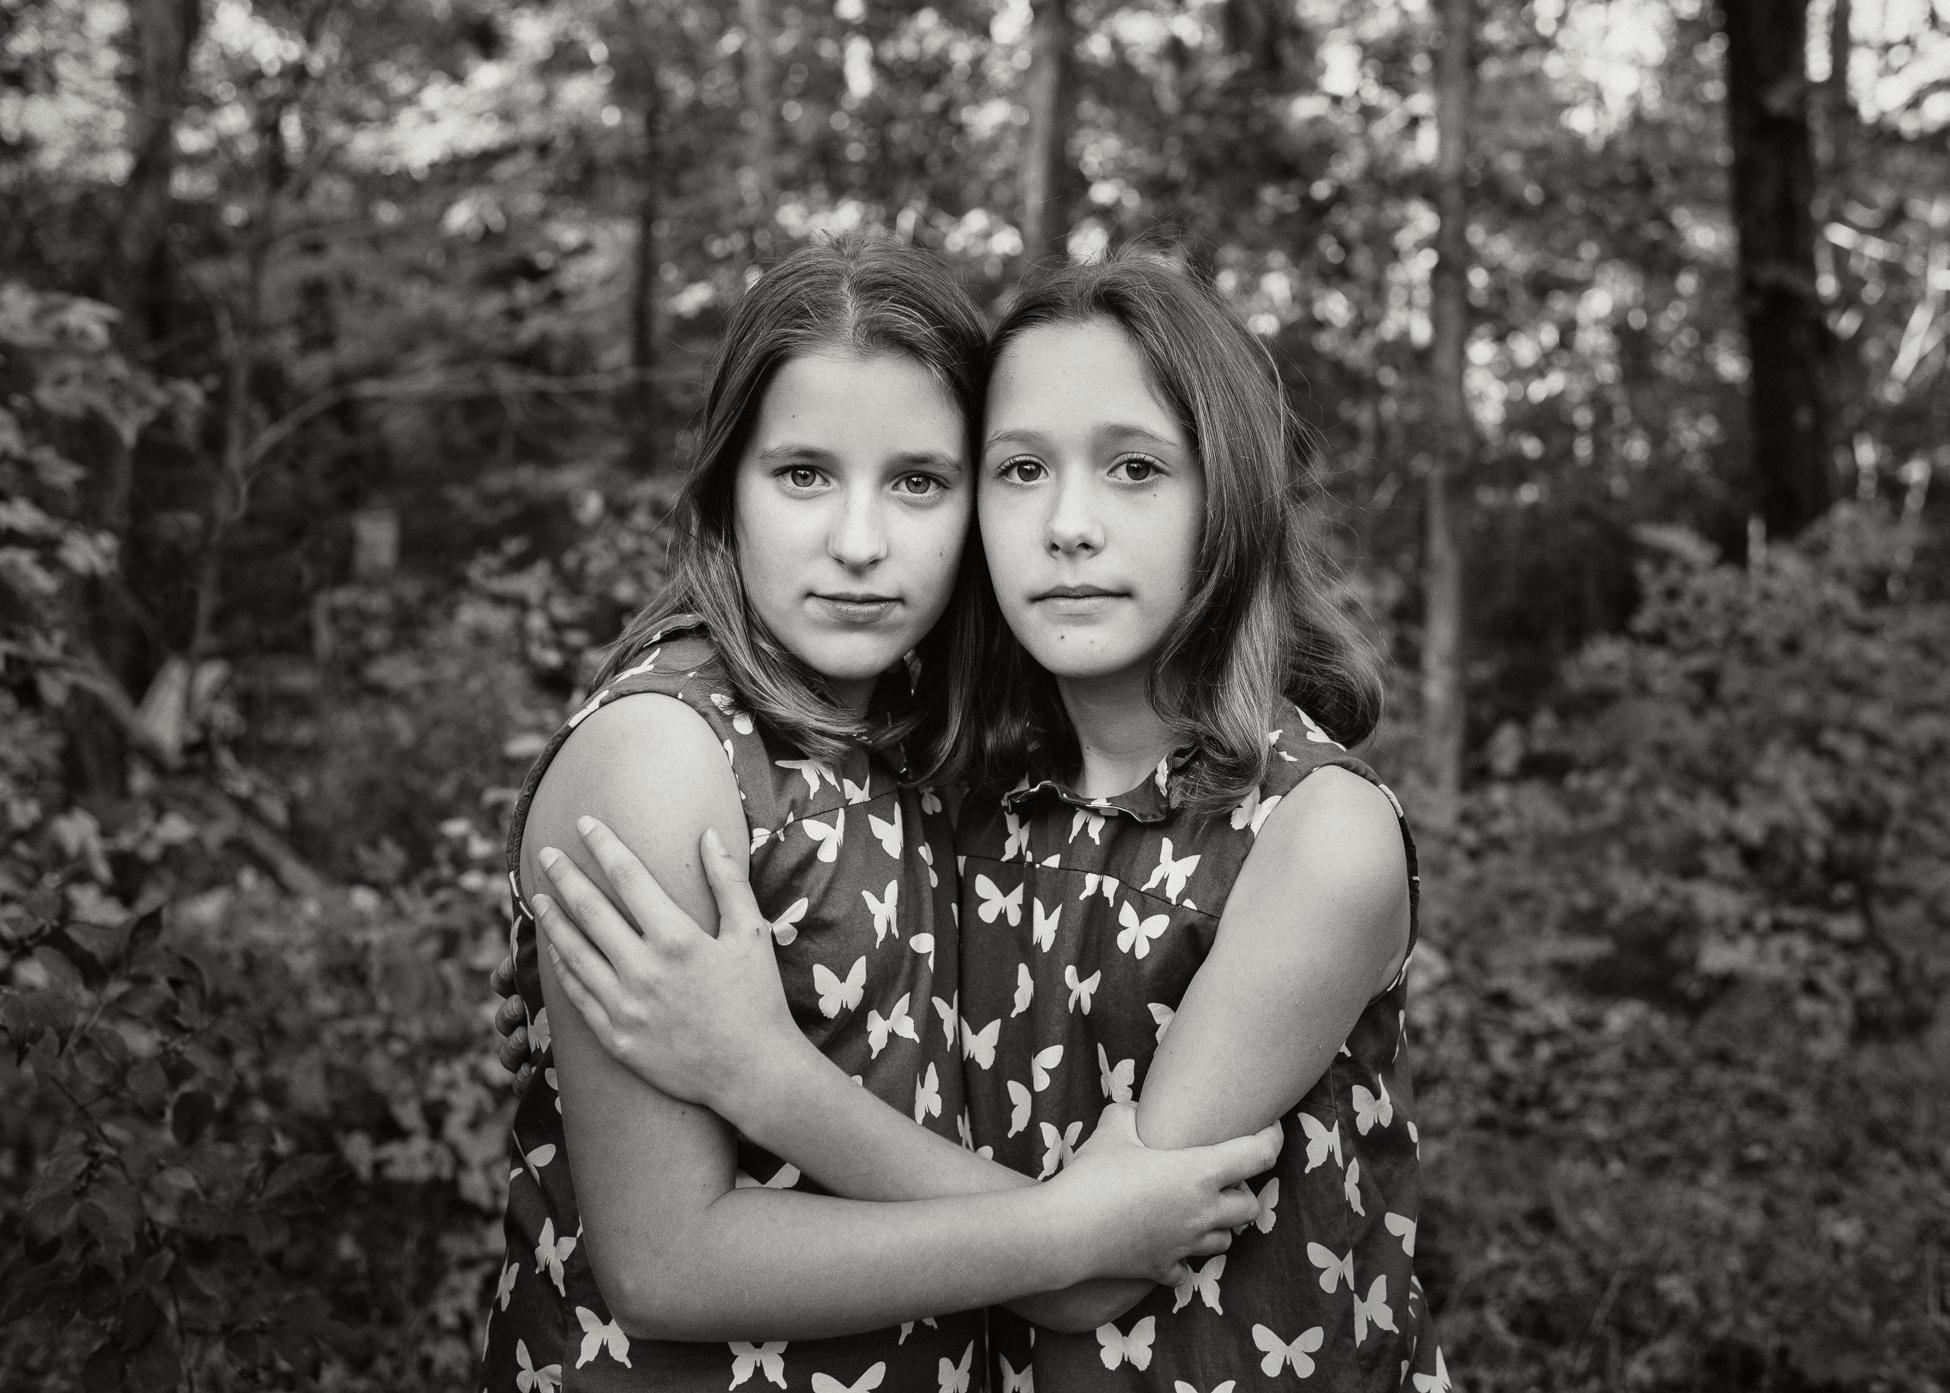 Clara + Della, Tennessee, 2013